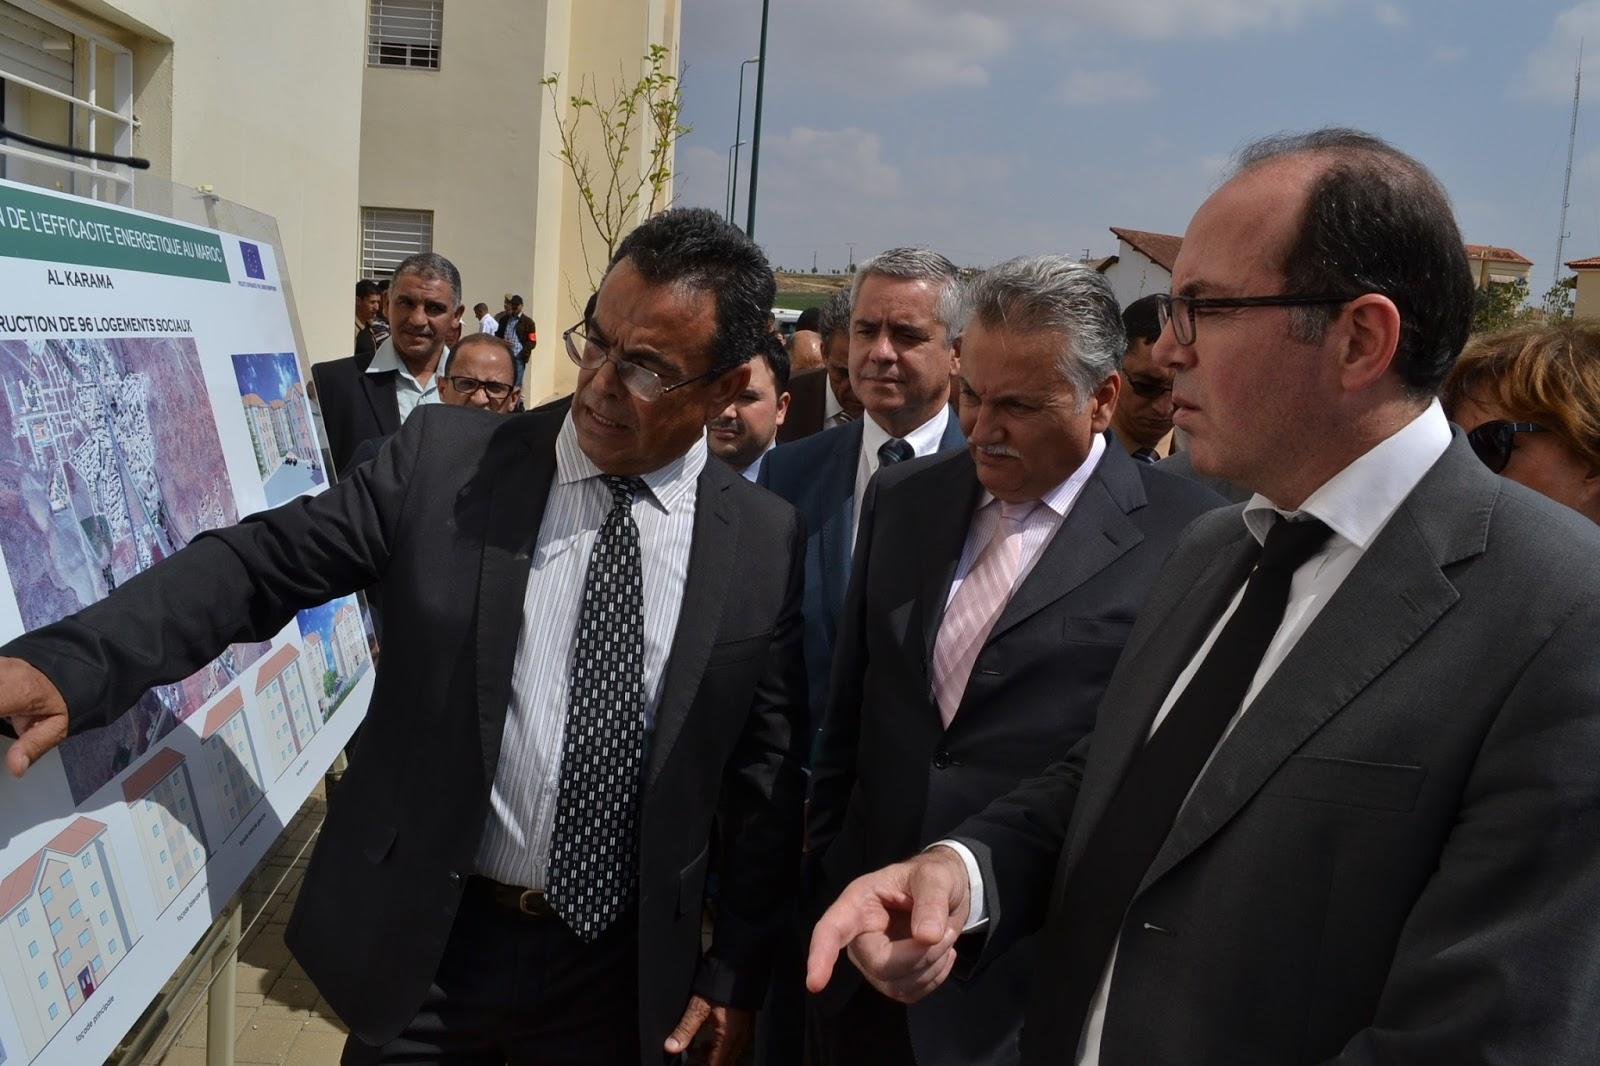 في مجال السكن بالمغرب الحكومة تبرمج إنتاج 800 ألف وحدة سكنية في ظرف خمس سنوات